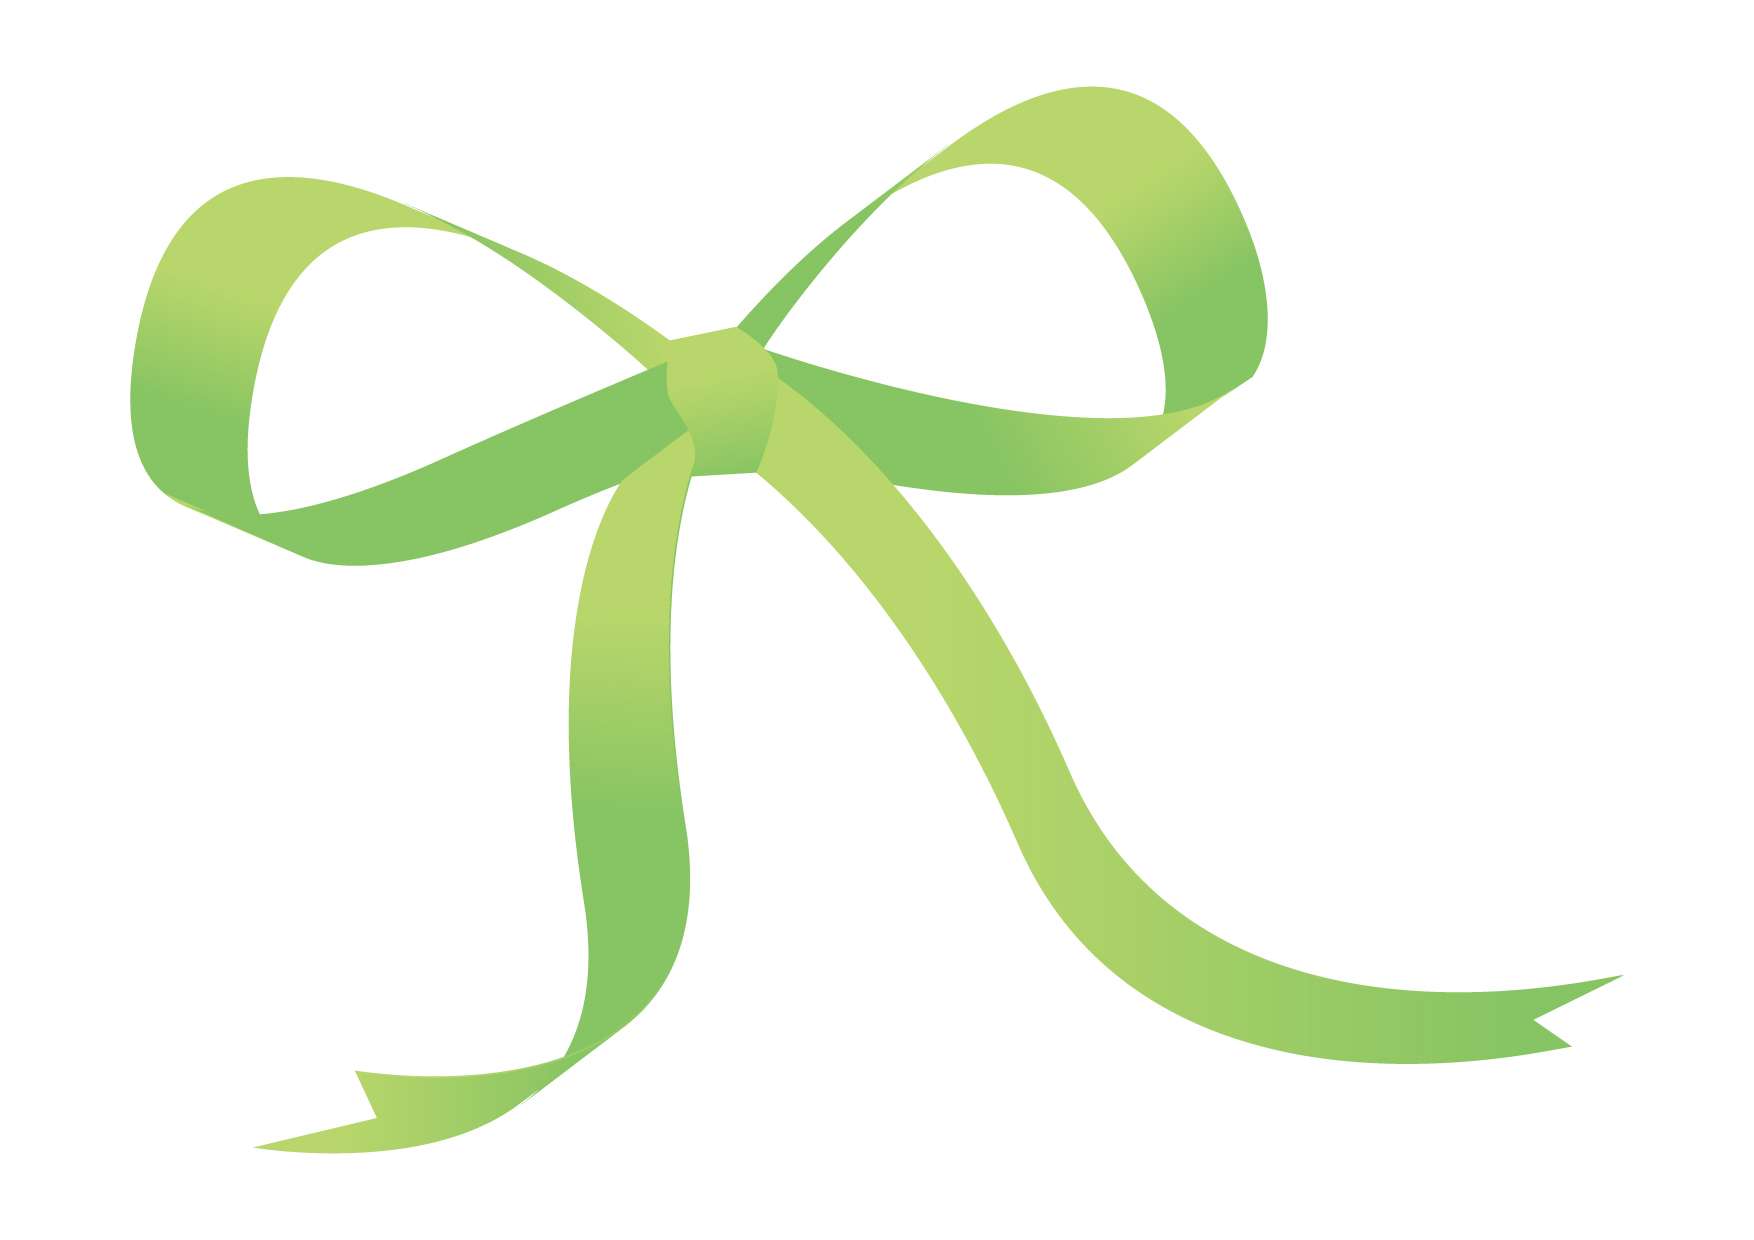 リボン 緑色 イラスト 無料